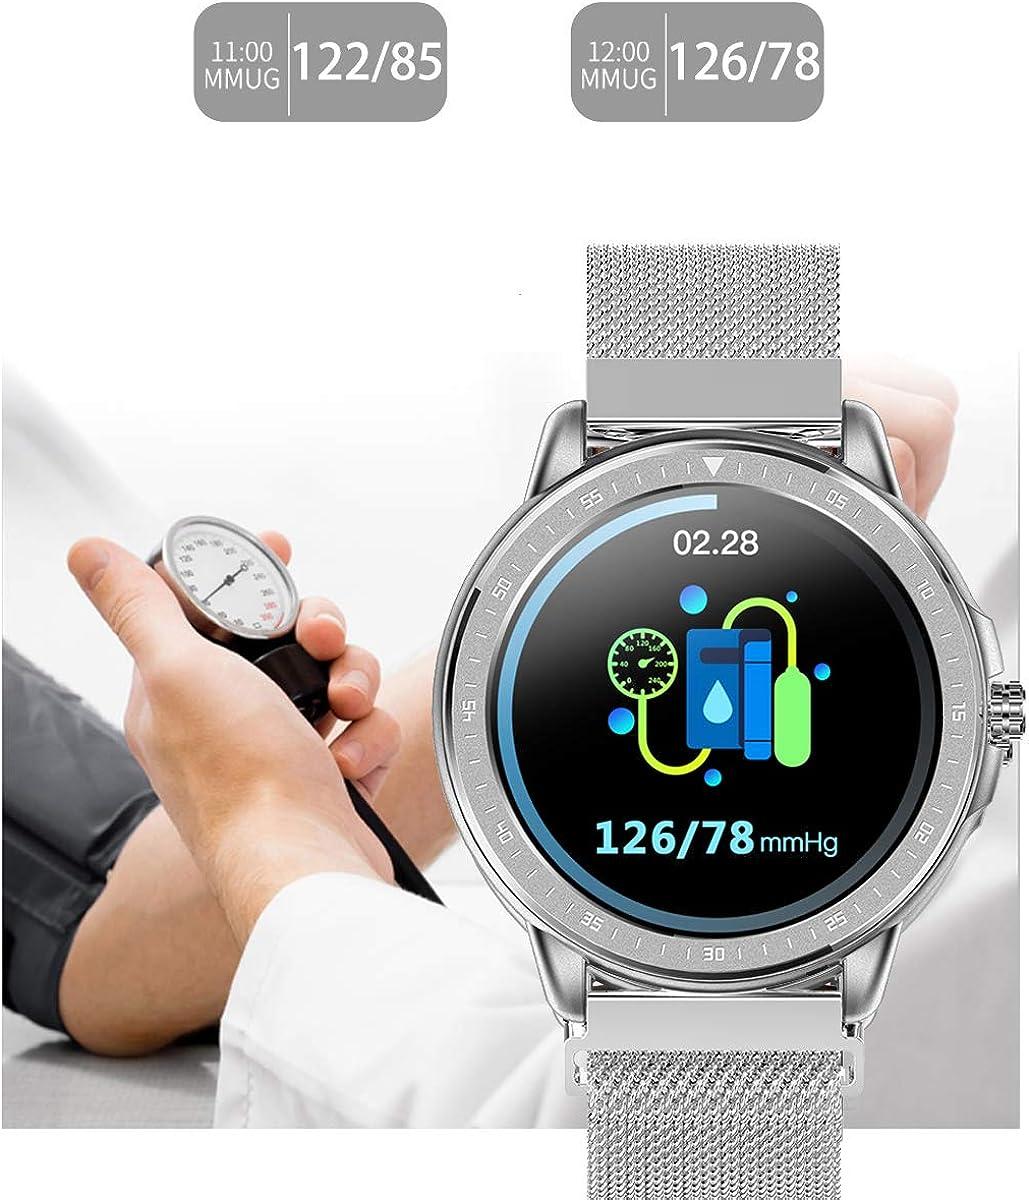 Smartwatch Montre connectée en acier inoxydable pour homme avec écran tactile, tension artérielle, fréquence cardiaque, surveillance du sommeil, podomètre, écran couleur Argenté